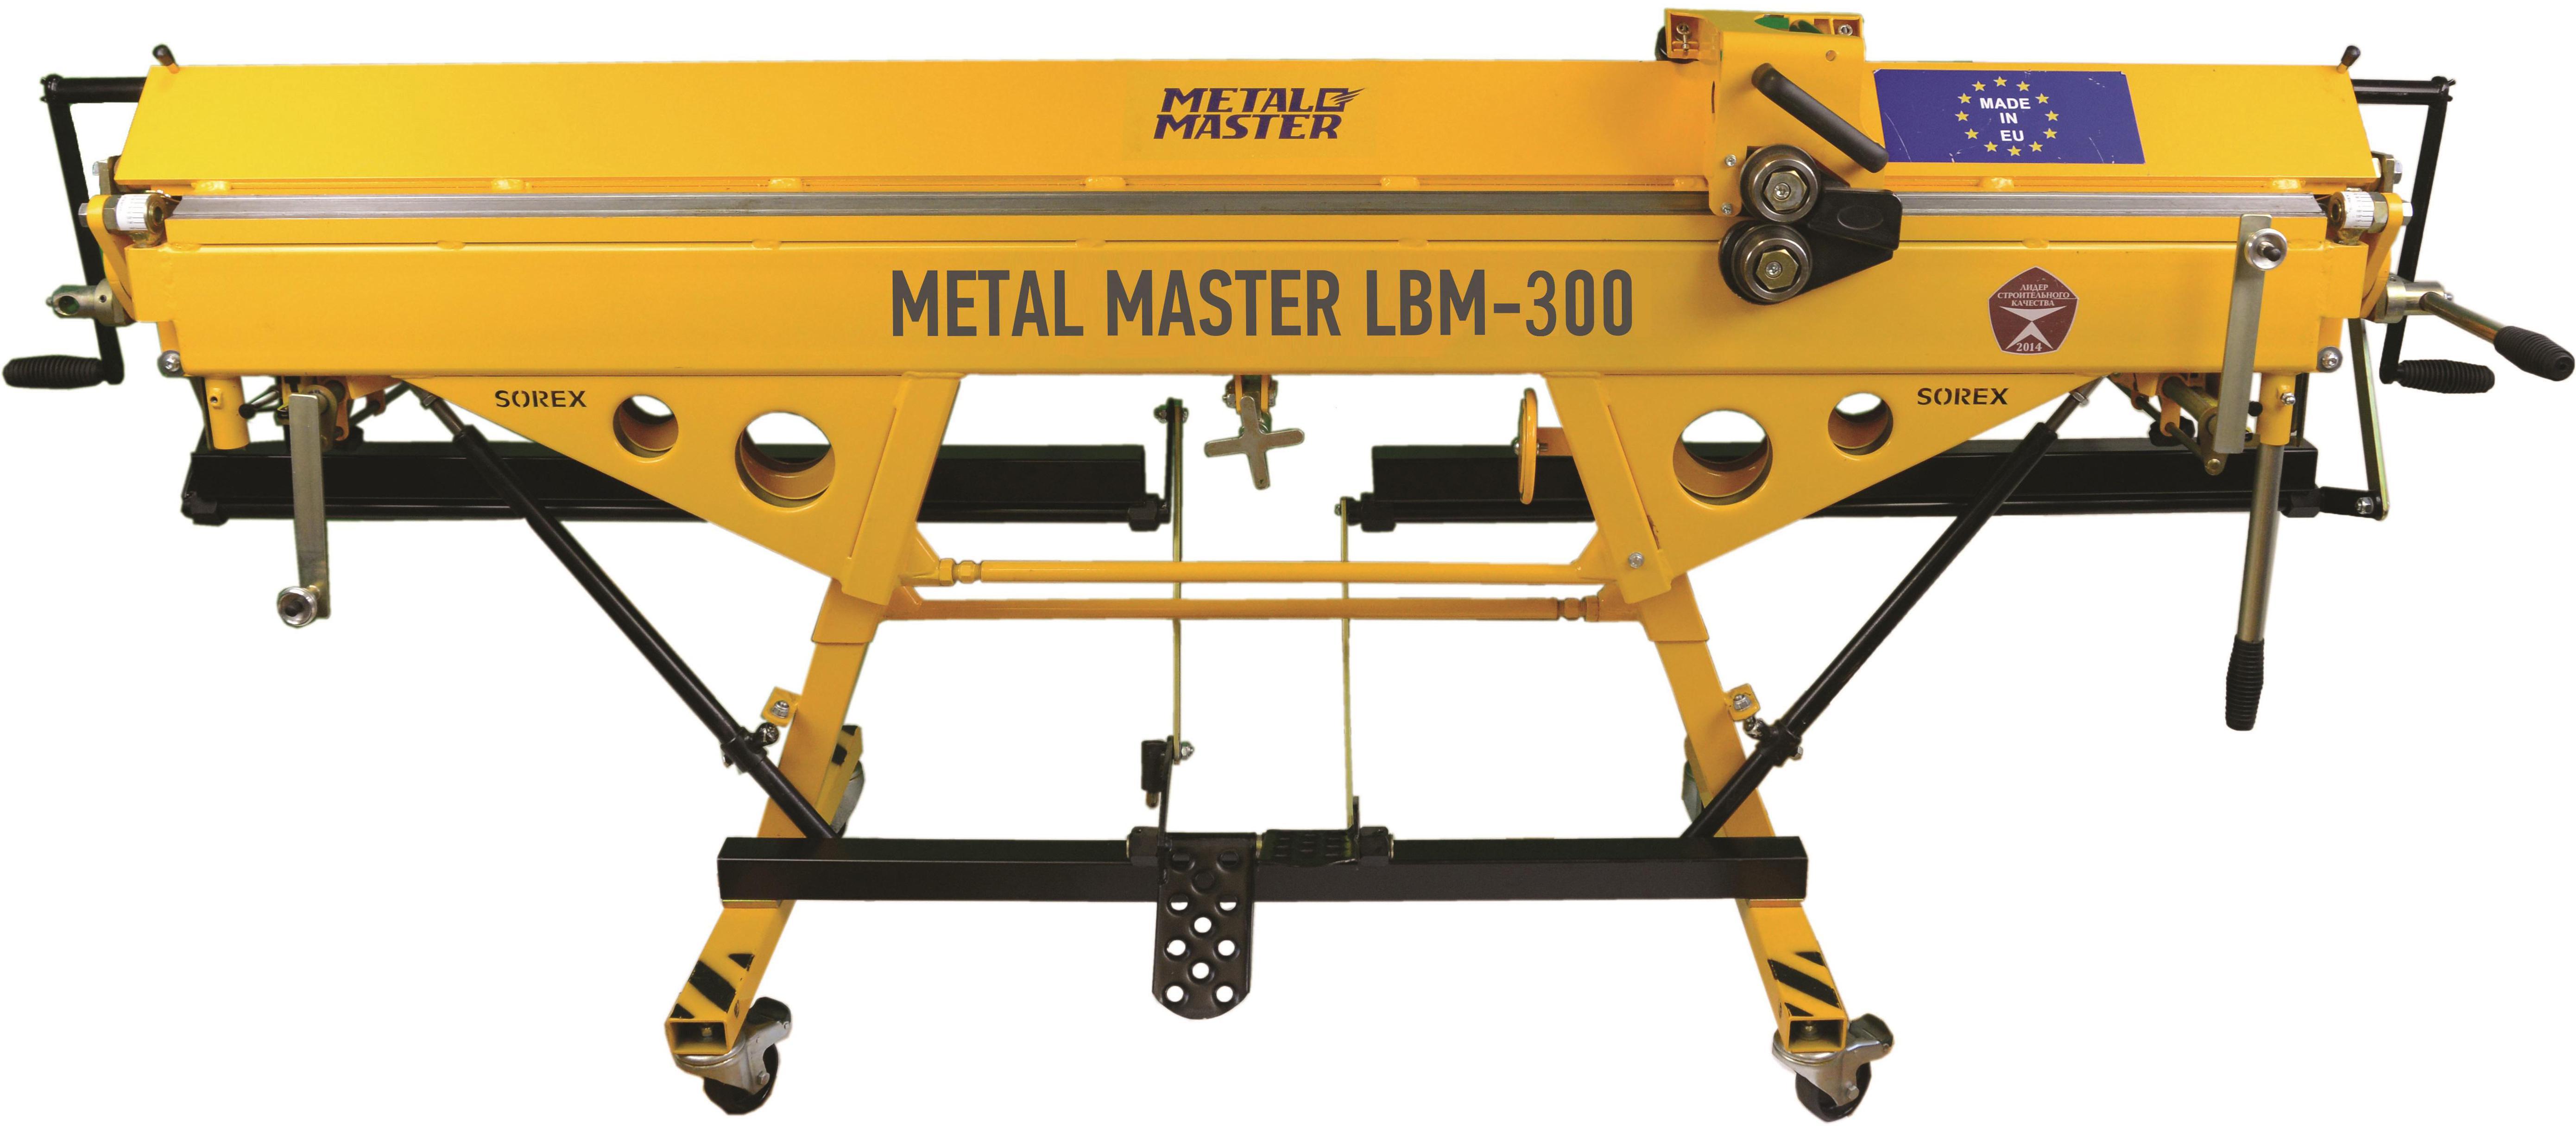 Купить Станок листогибочный Metalmaster Lbm-300